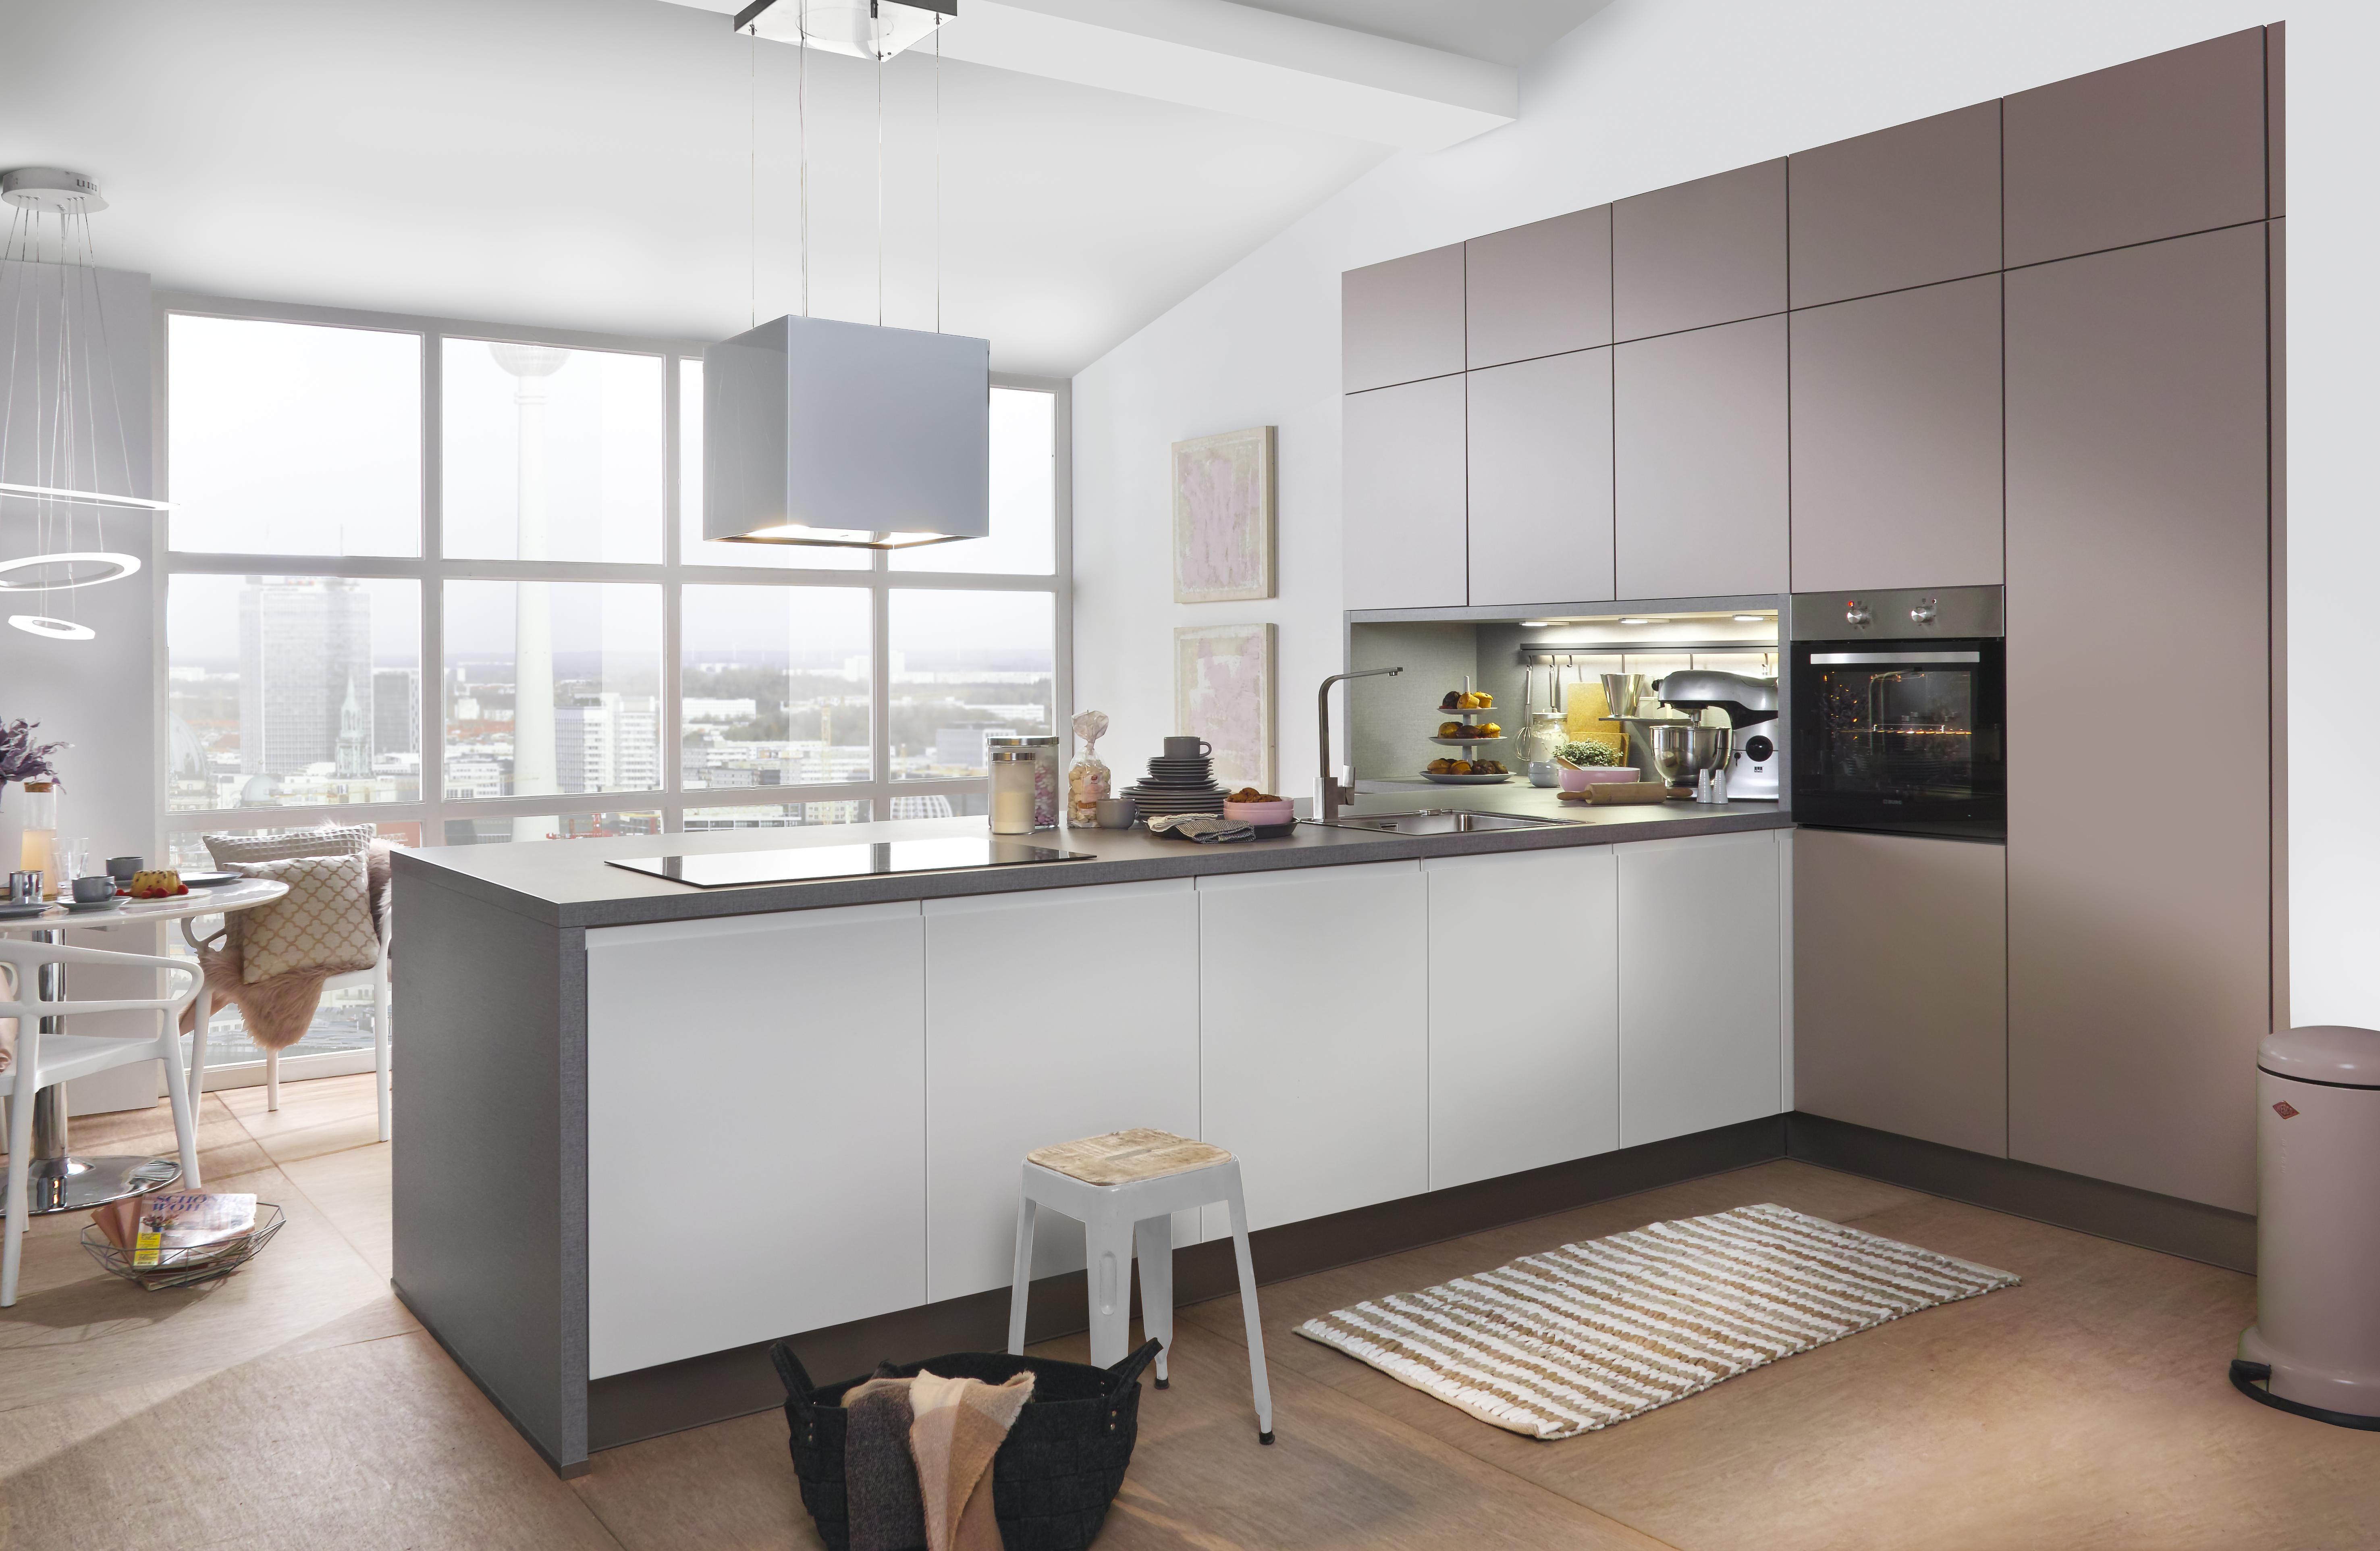 100 Jahre Bauhaus - Kücheneinrichtung im Bauhaus-Stil - Küche&Co